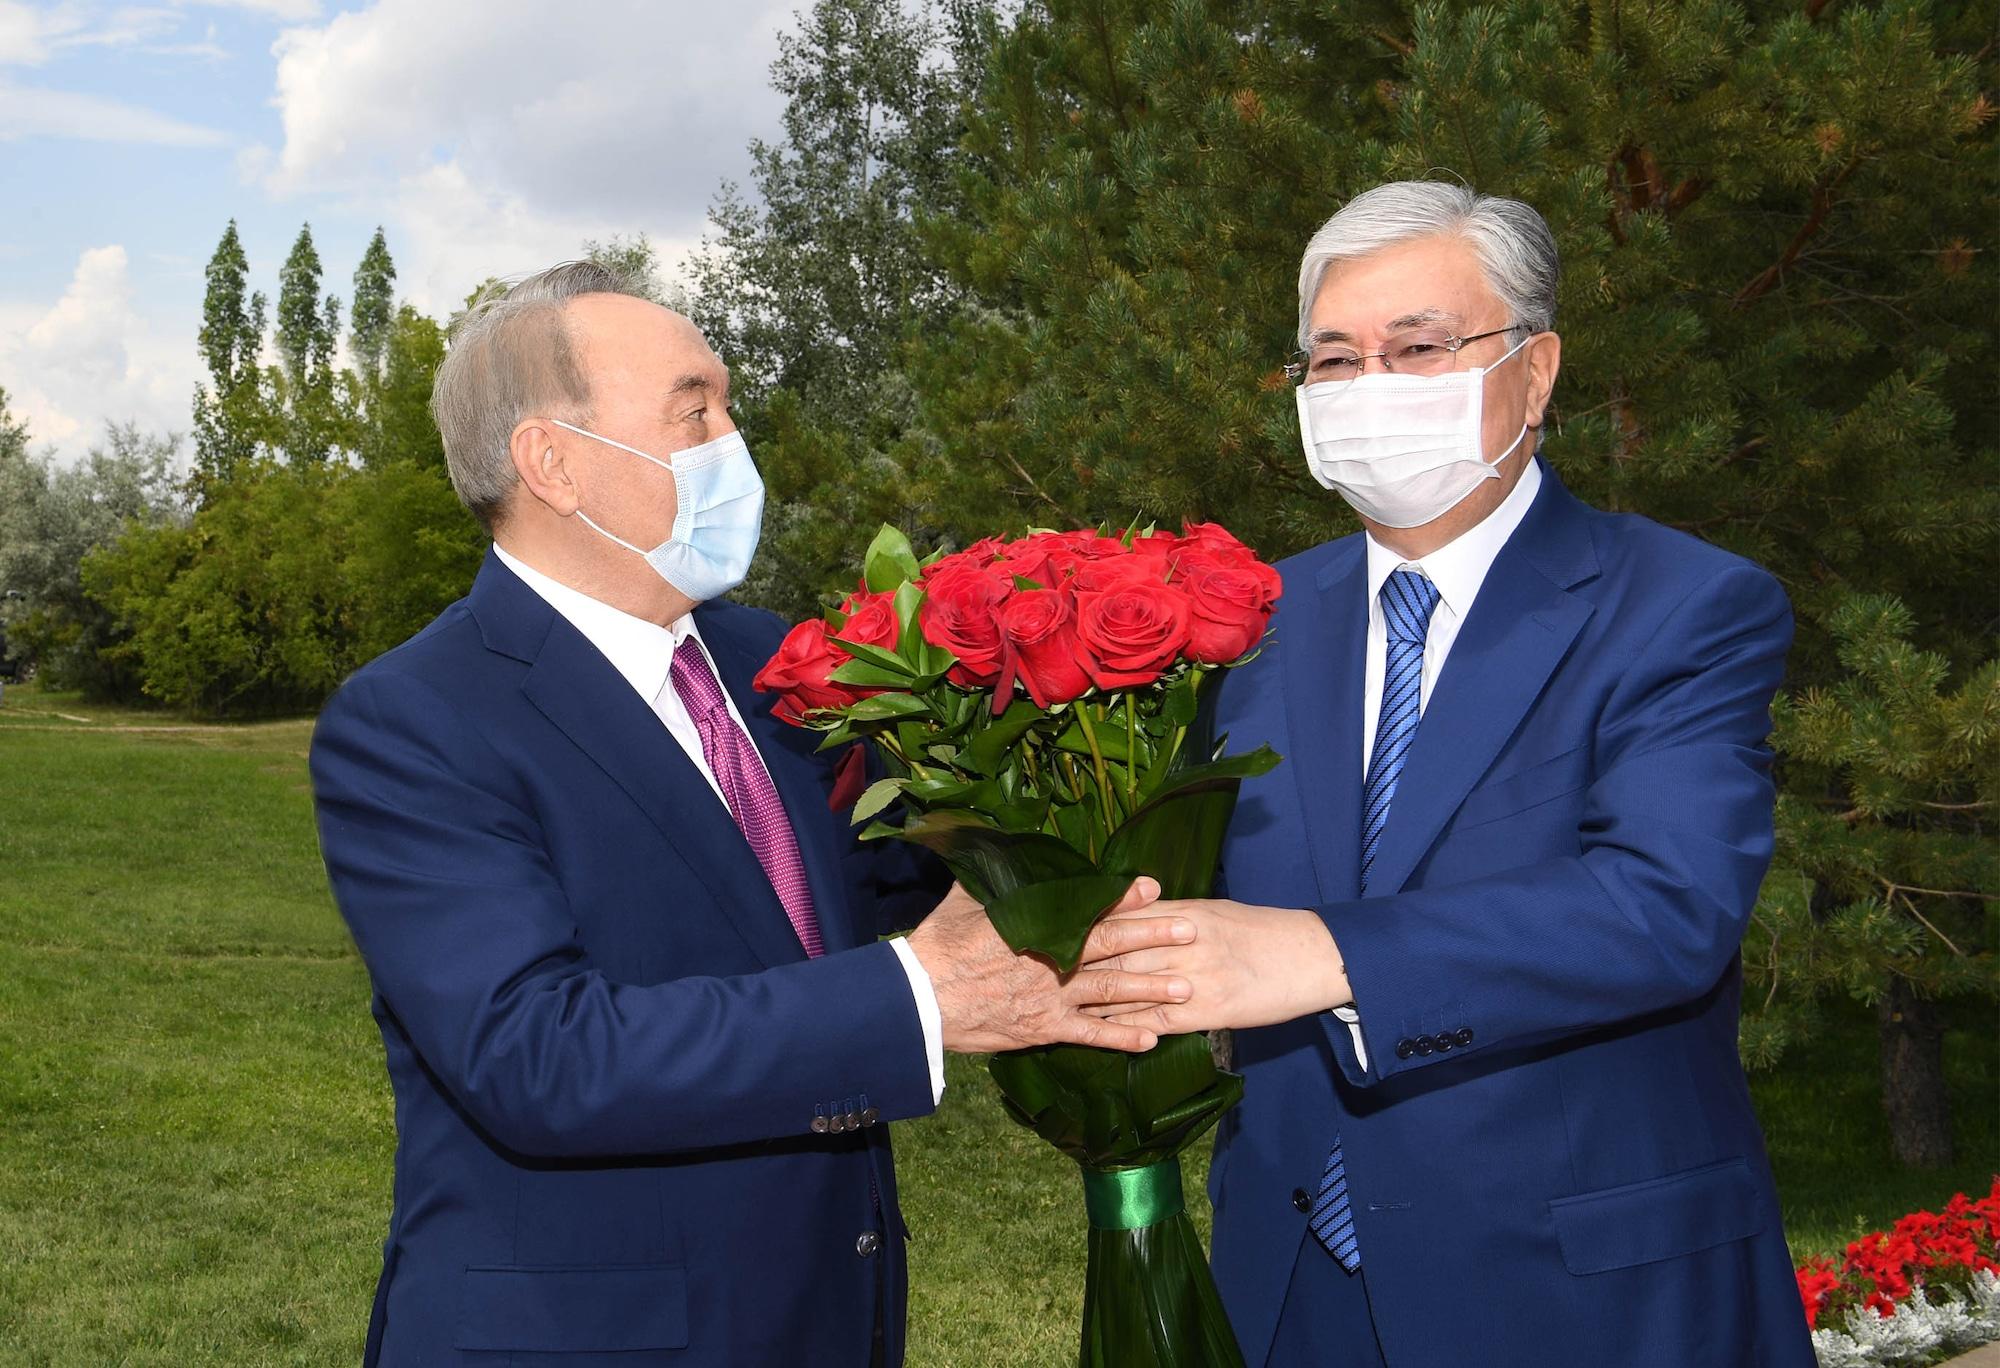 Қасым-Жомарт Тоқаев, Нұрсұлтан Назарбаев